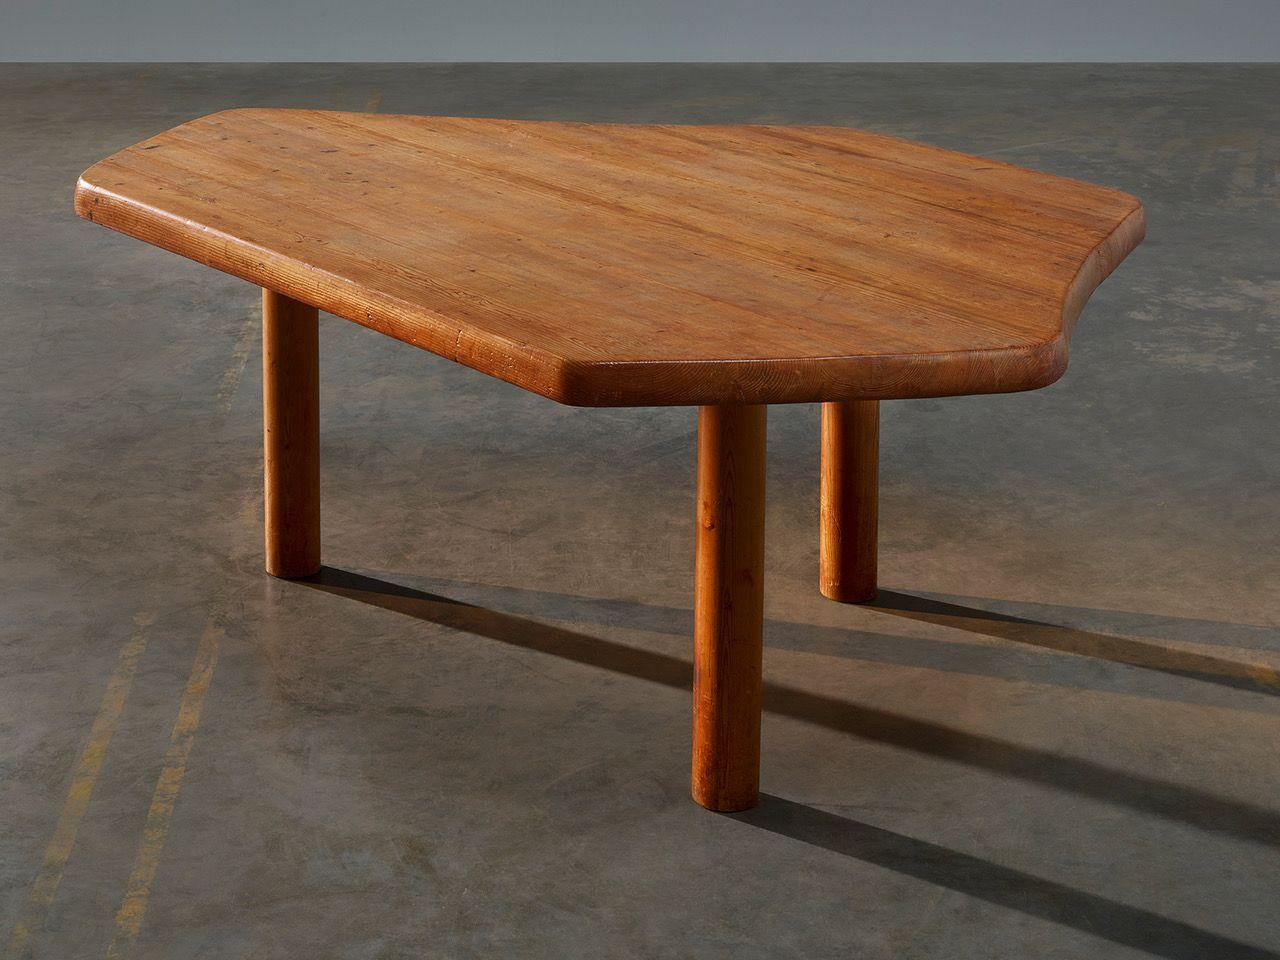 Epingle Sur Altzariak Furniture Mobilier